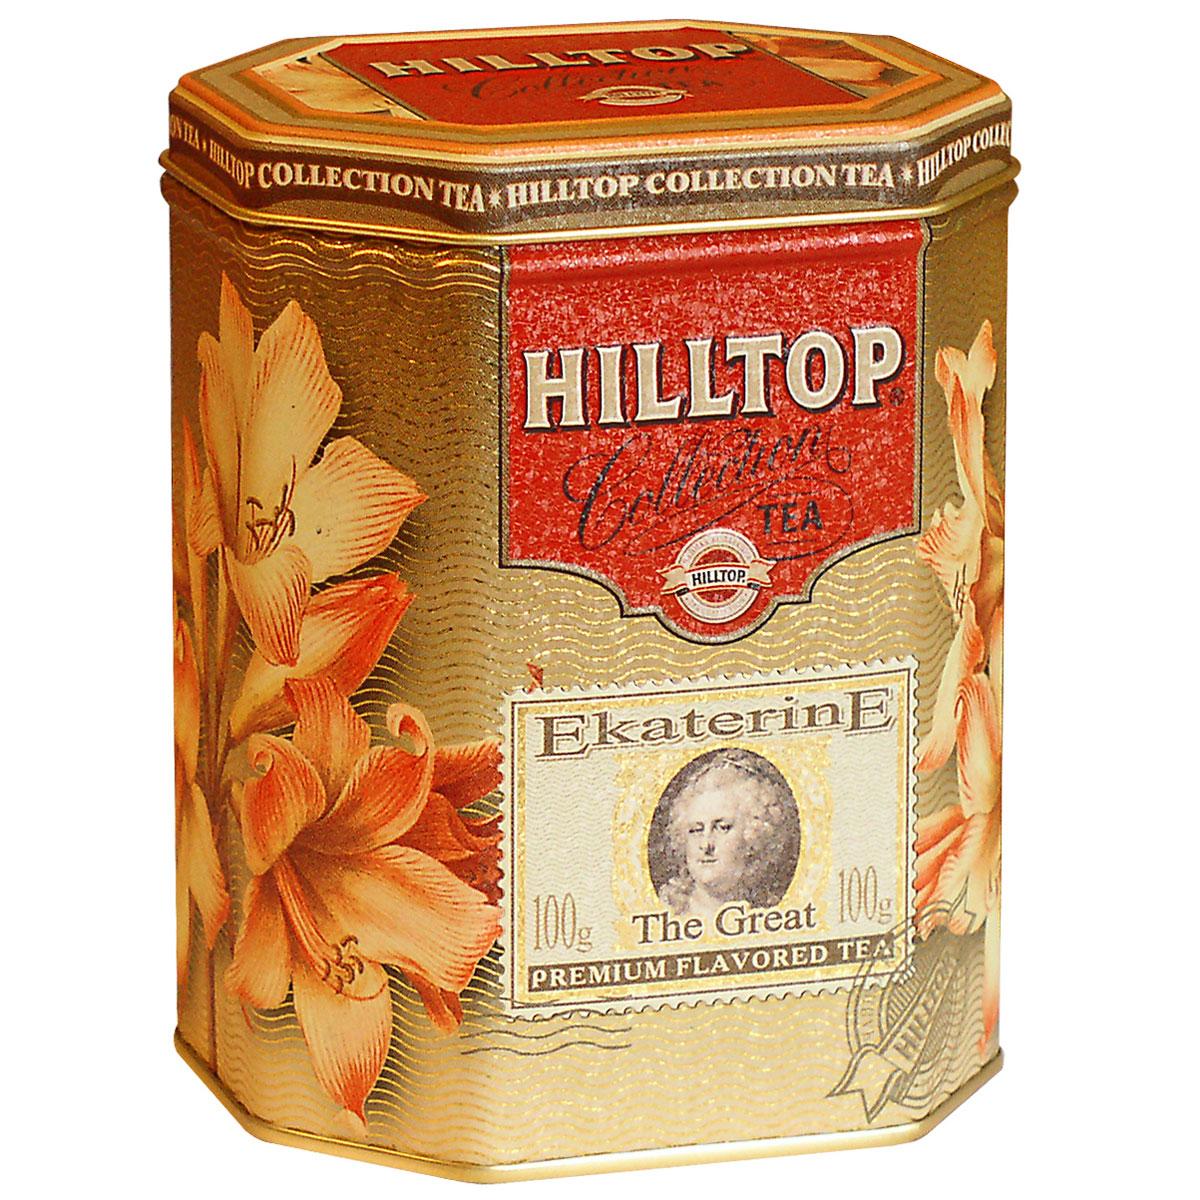 где купить Hilltop Екатерина Великая черный листовой чай, 100 г по лучшей цене